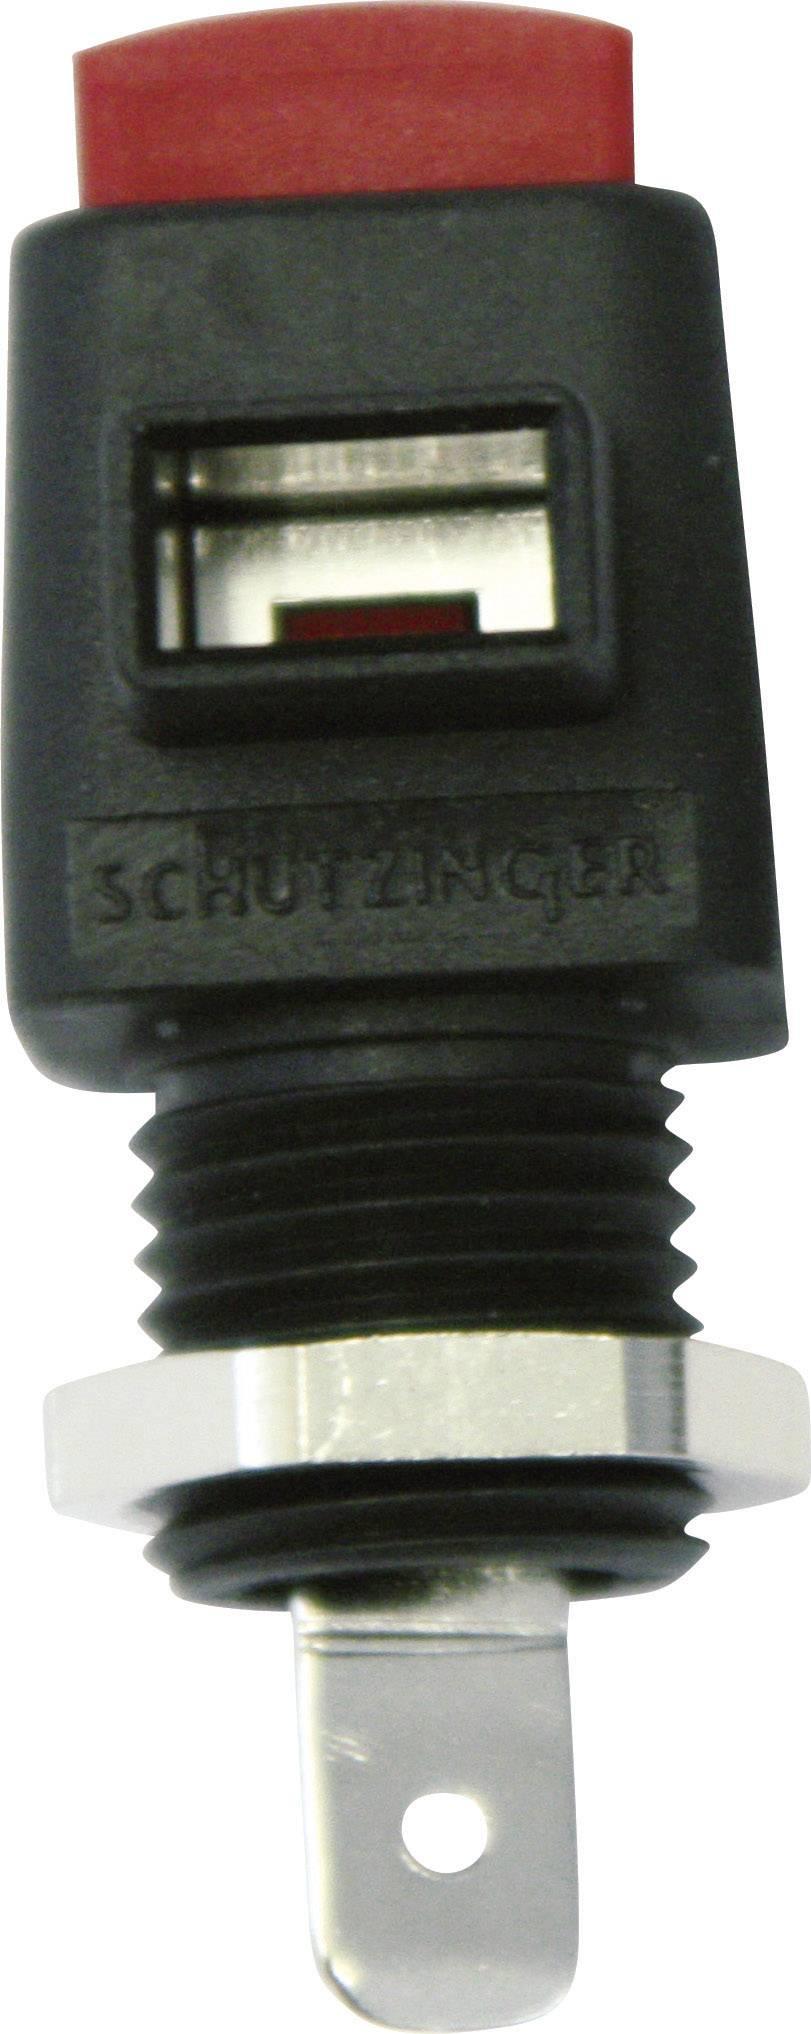 Rychloupínací svorka Schützinger 16 A, zelená, žlutá, 1 ks